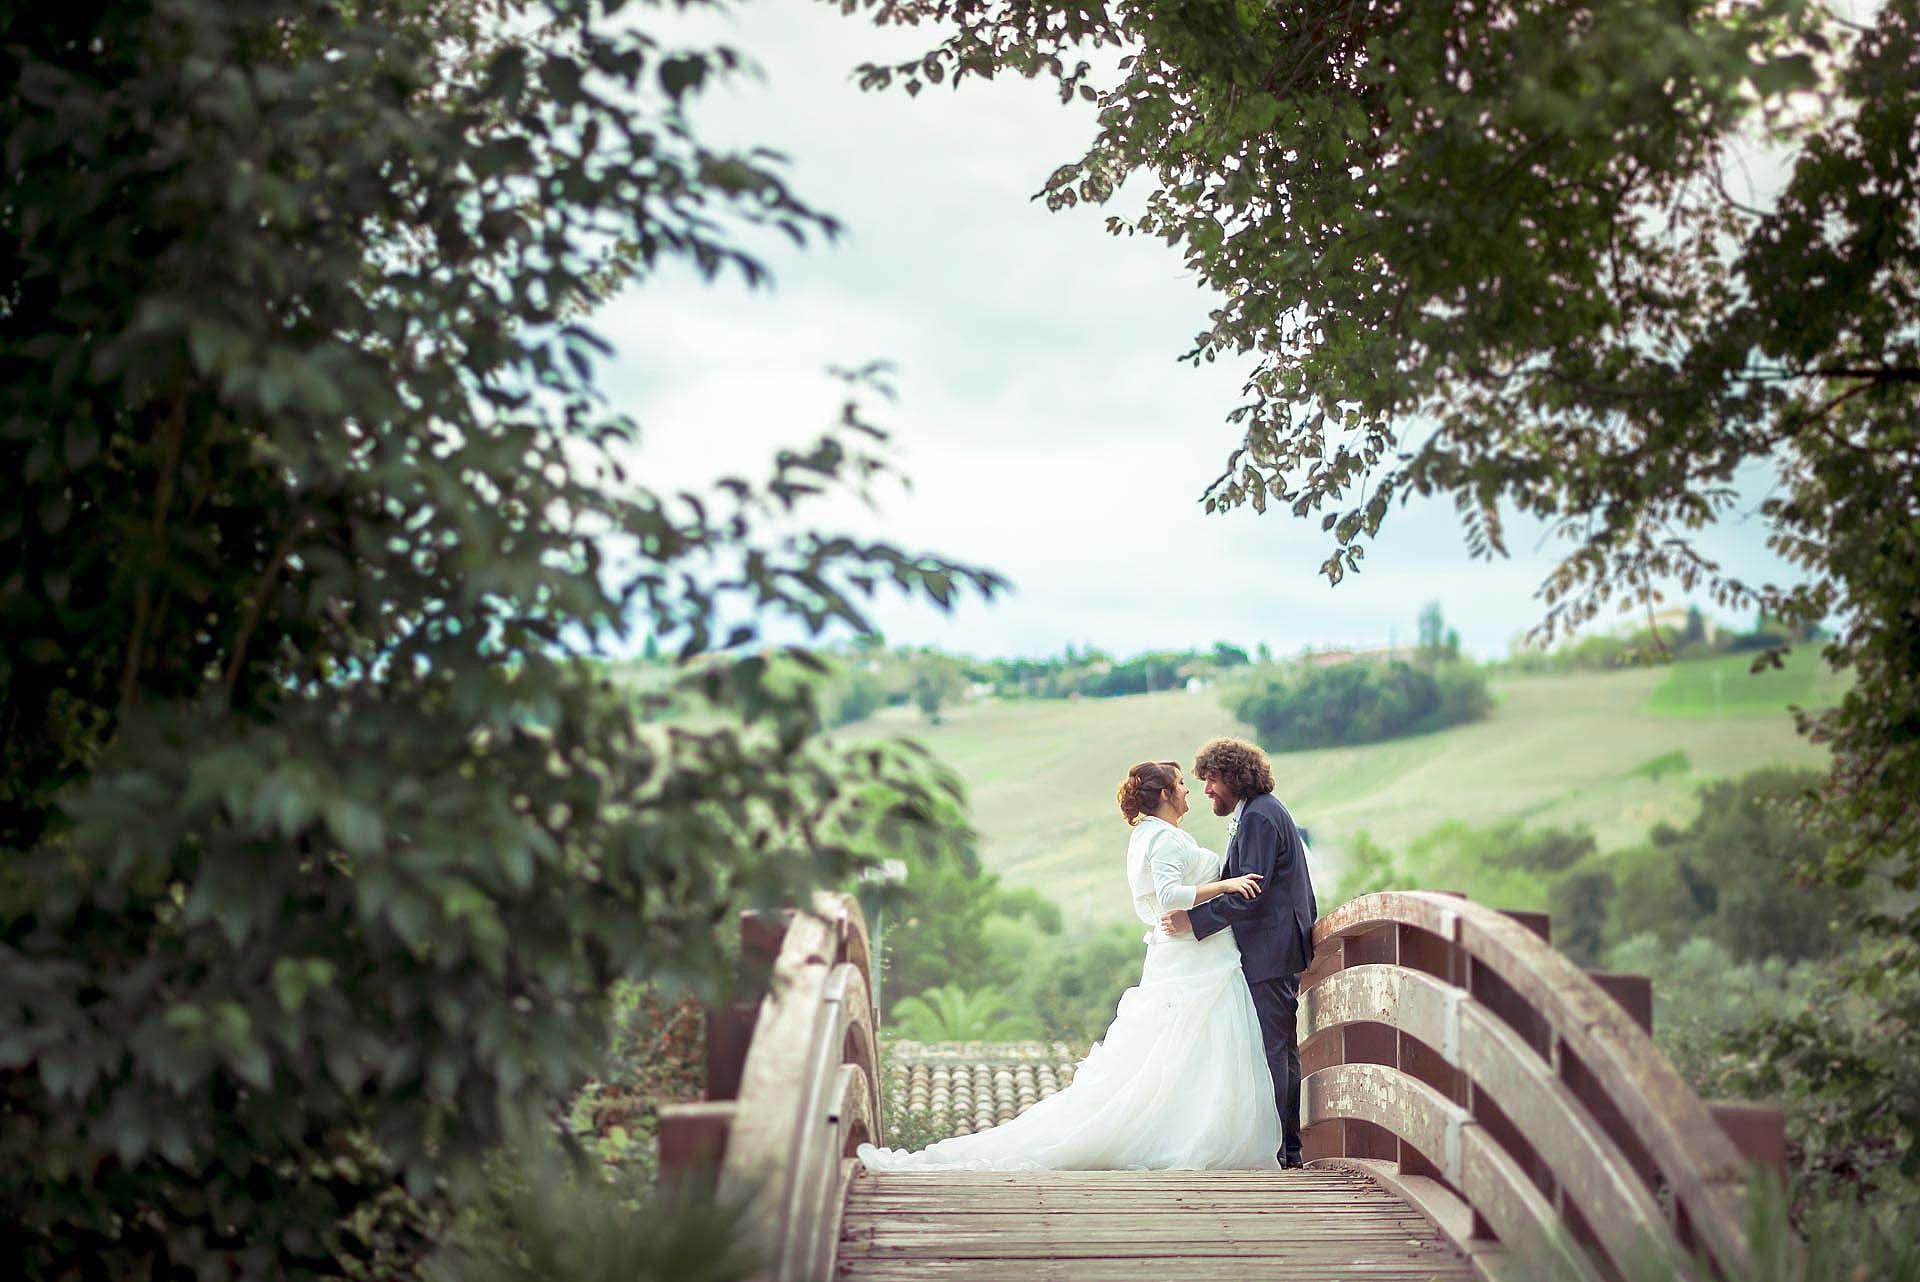 foto-ritratti-matrimonio-roma-9